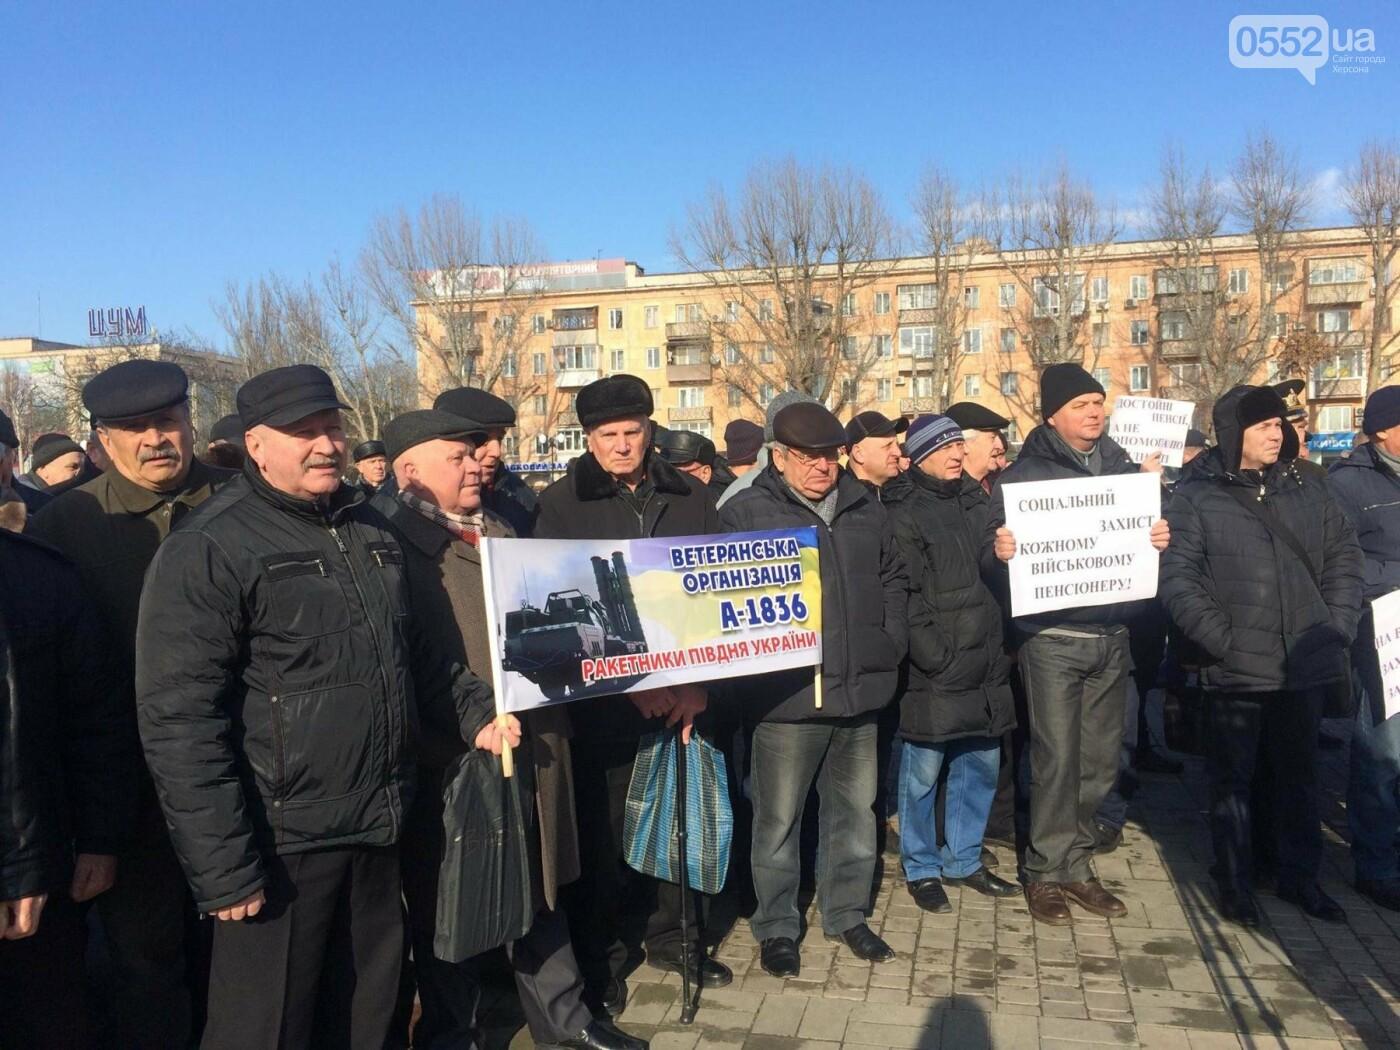 В Херсоне на митинг вышли военные пенсионеры , фото-3